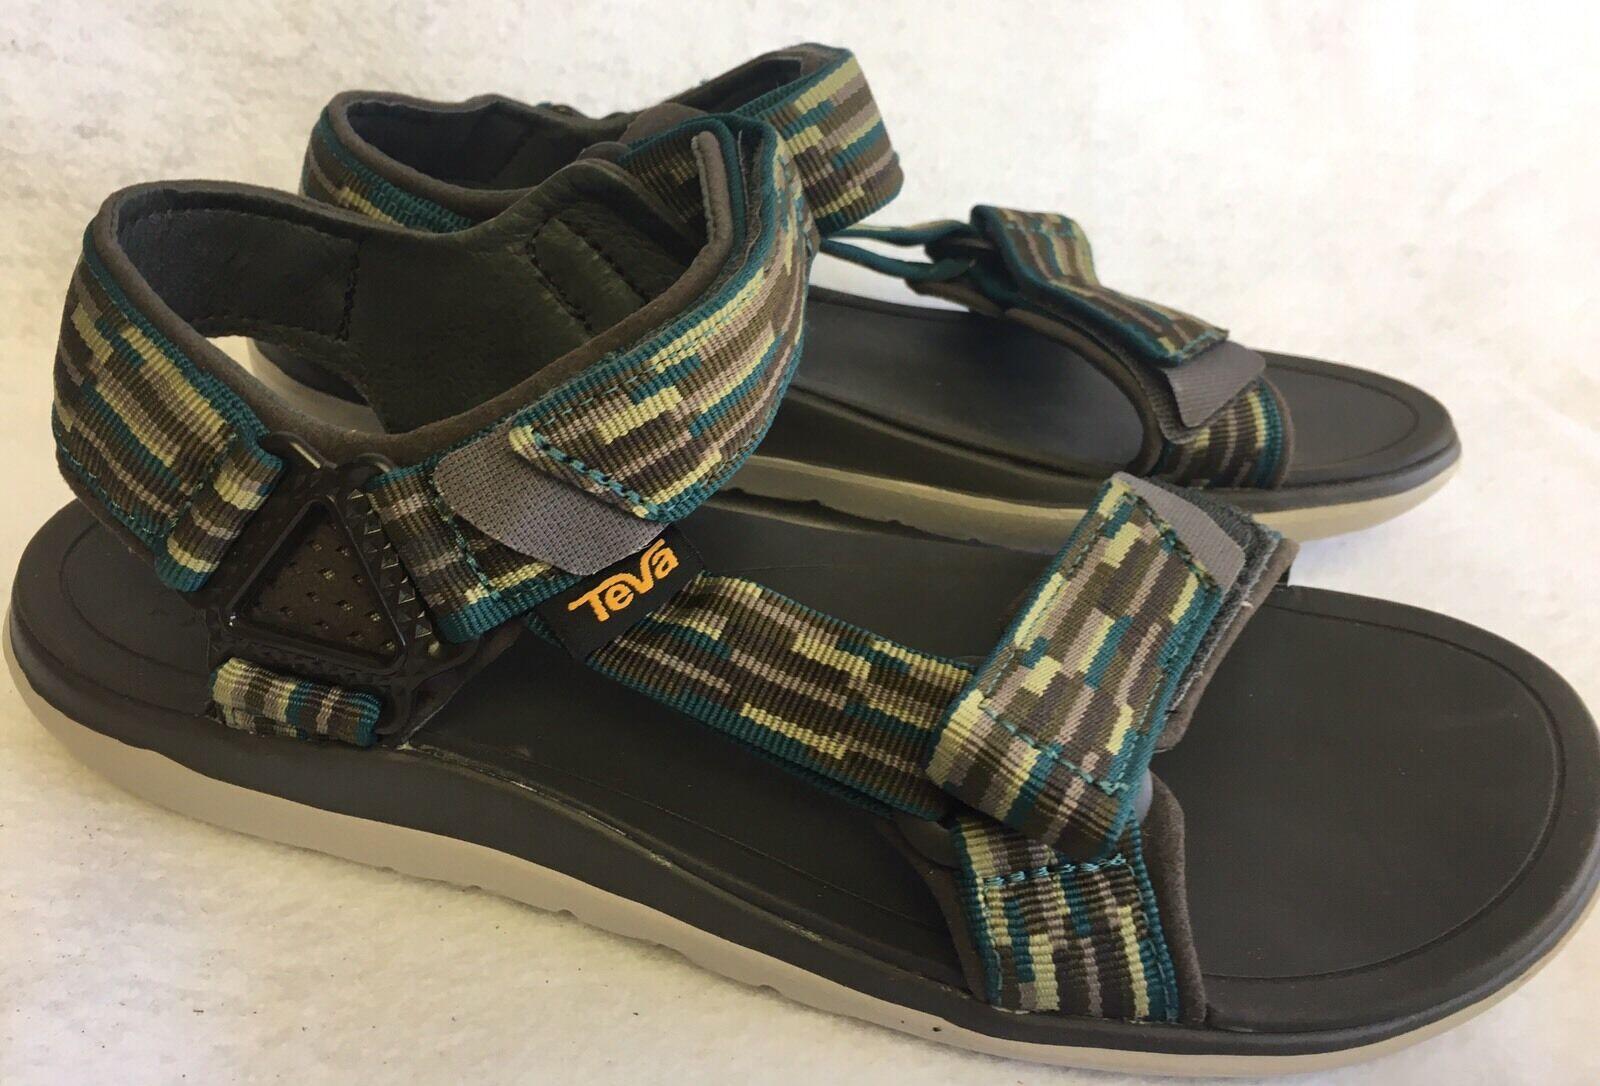 Teva Terra-Float Univ 2.0 Tacion Olive Green Mens Sport Sandals Size 9 M Men's